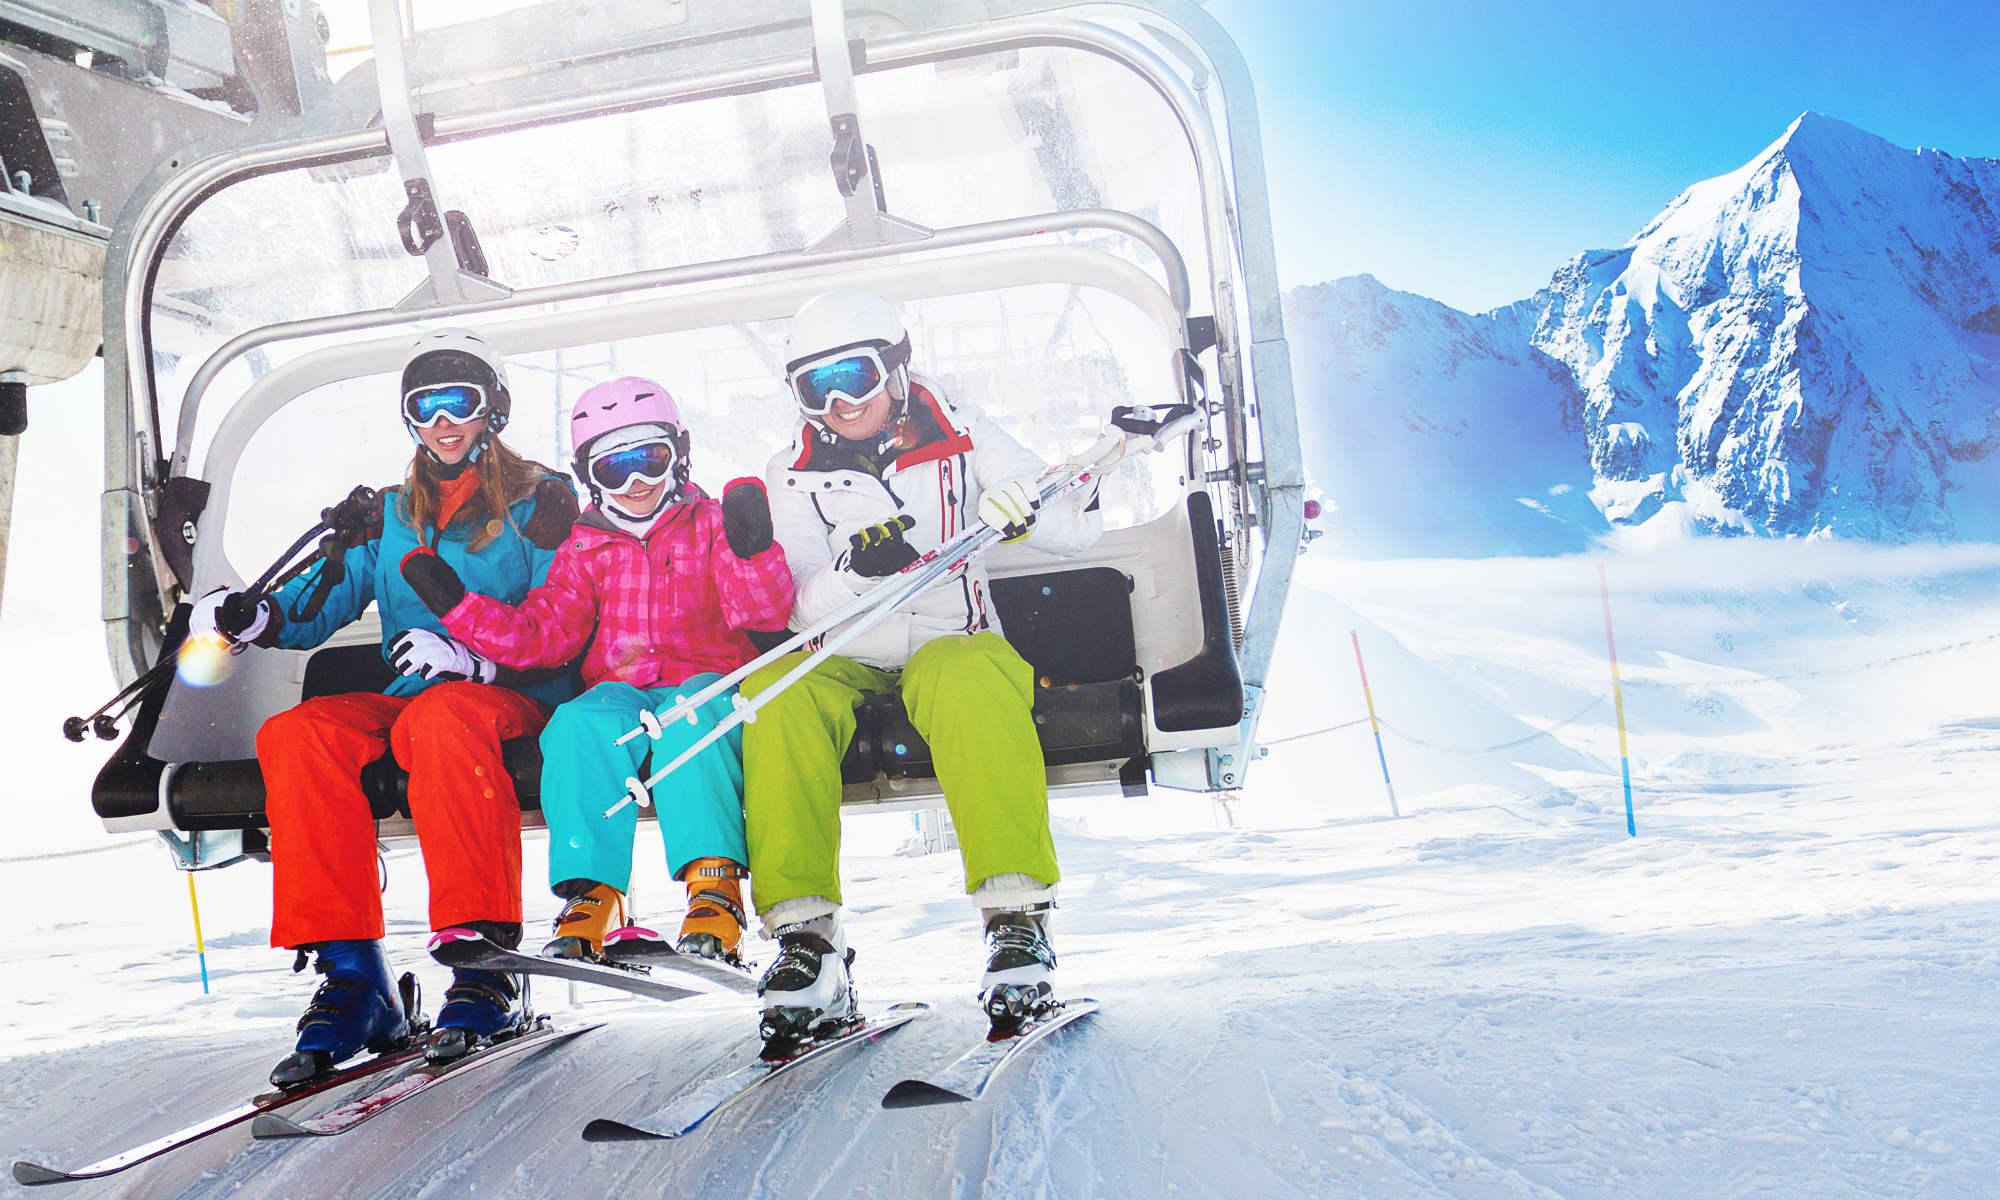 Der Sessellift ist einer der beliebtesten Lifte unter Skifahrern.